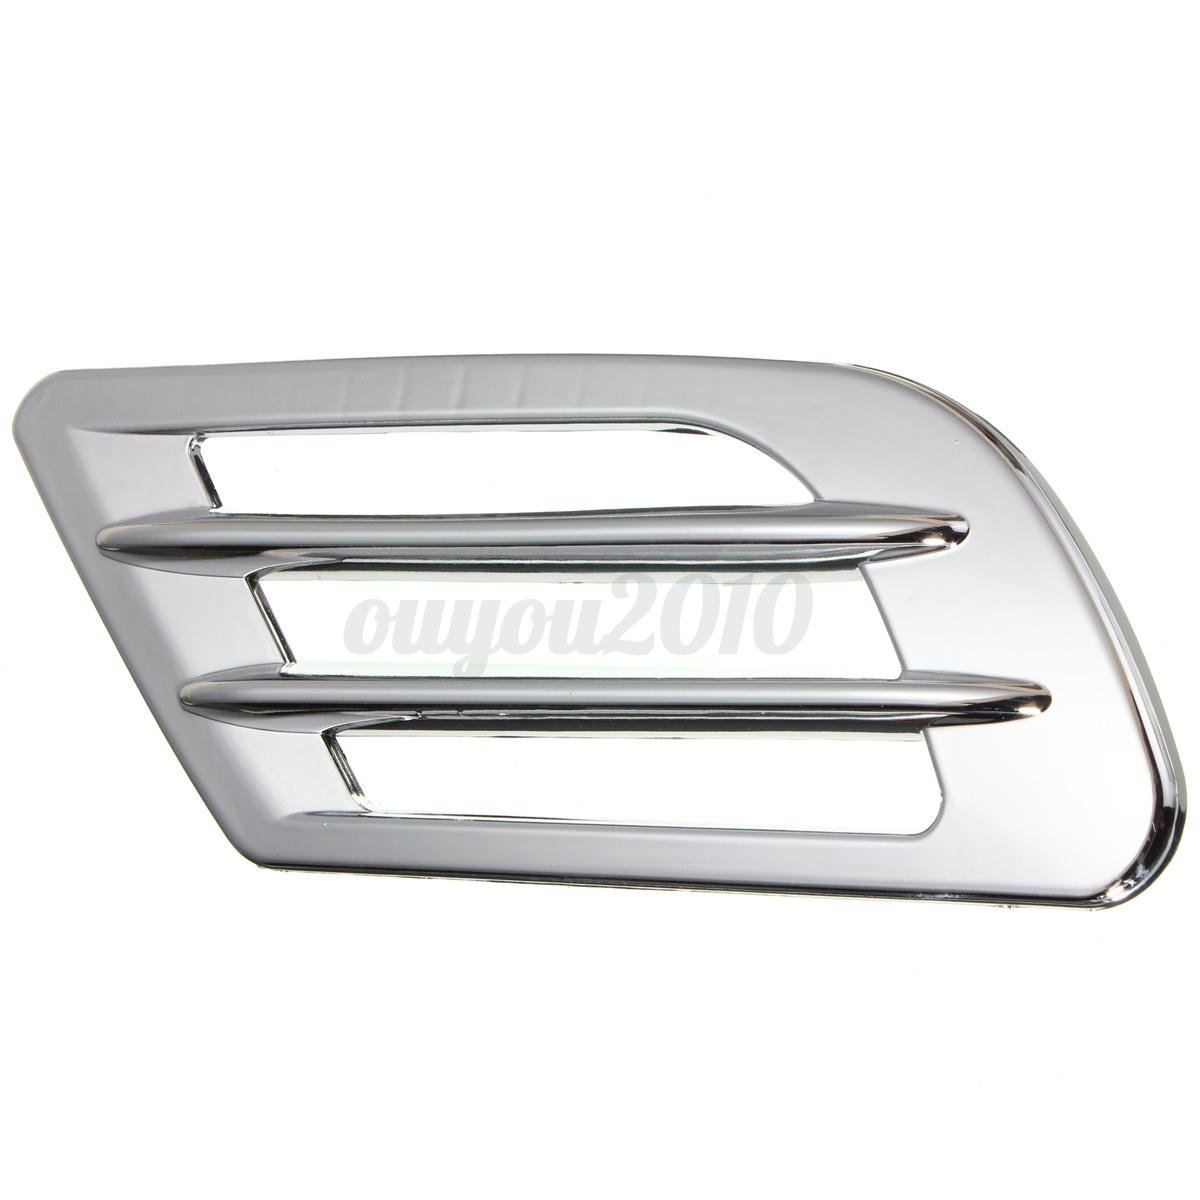 2pcs Chrome Car Auto Hood Side Bonnet Fender Exterior Air Flow Vent Intake Scoop Ebay